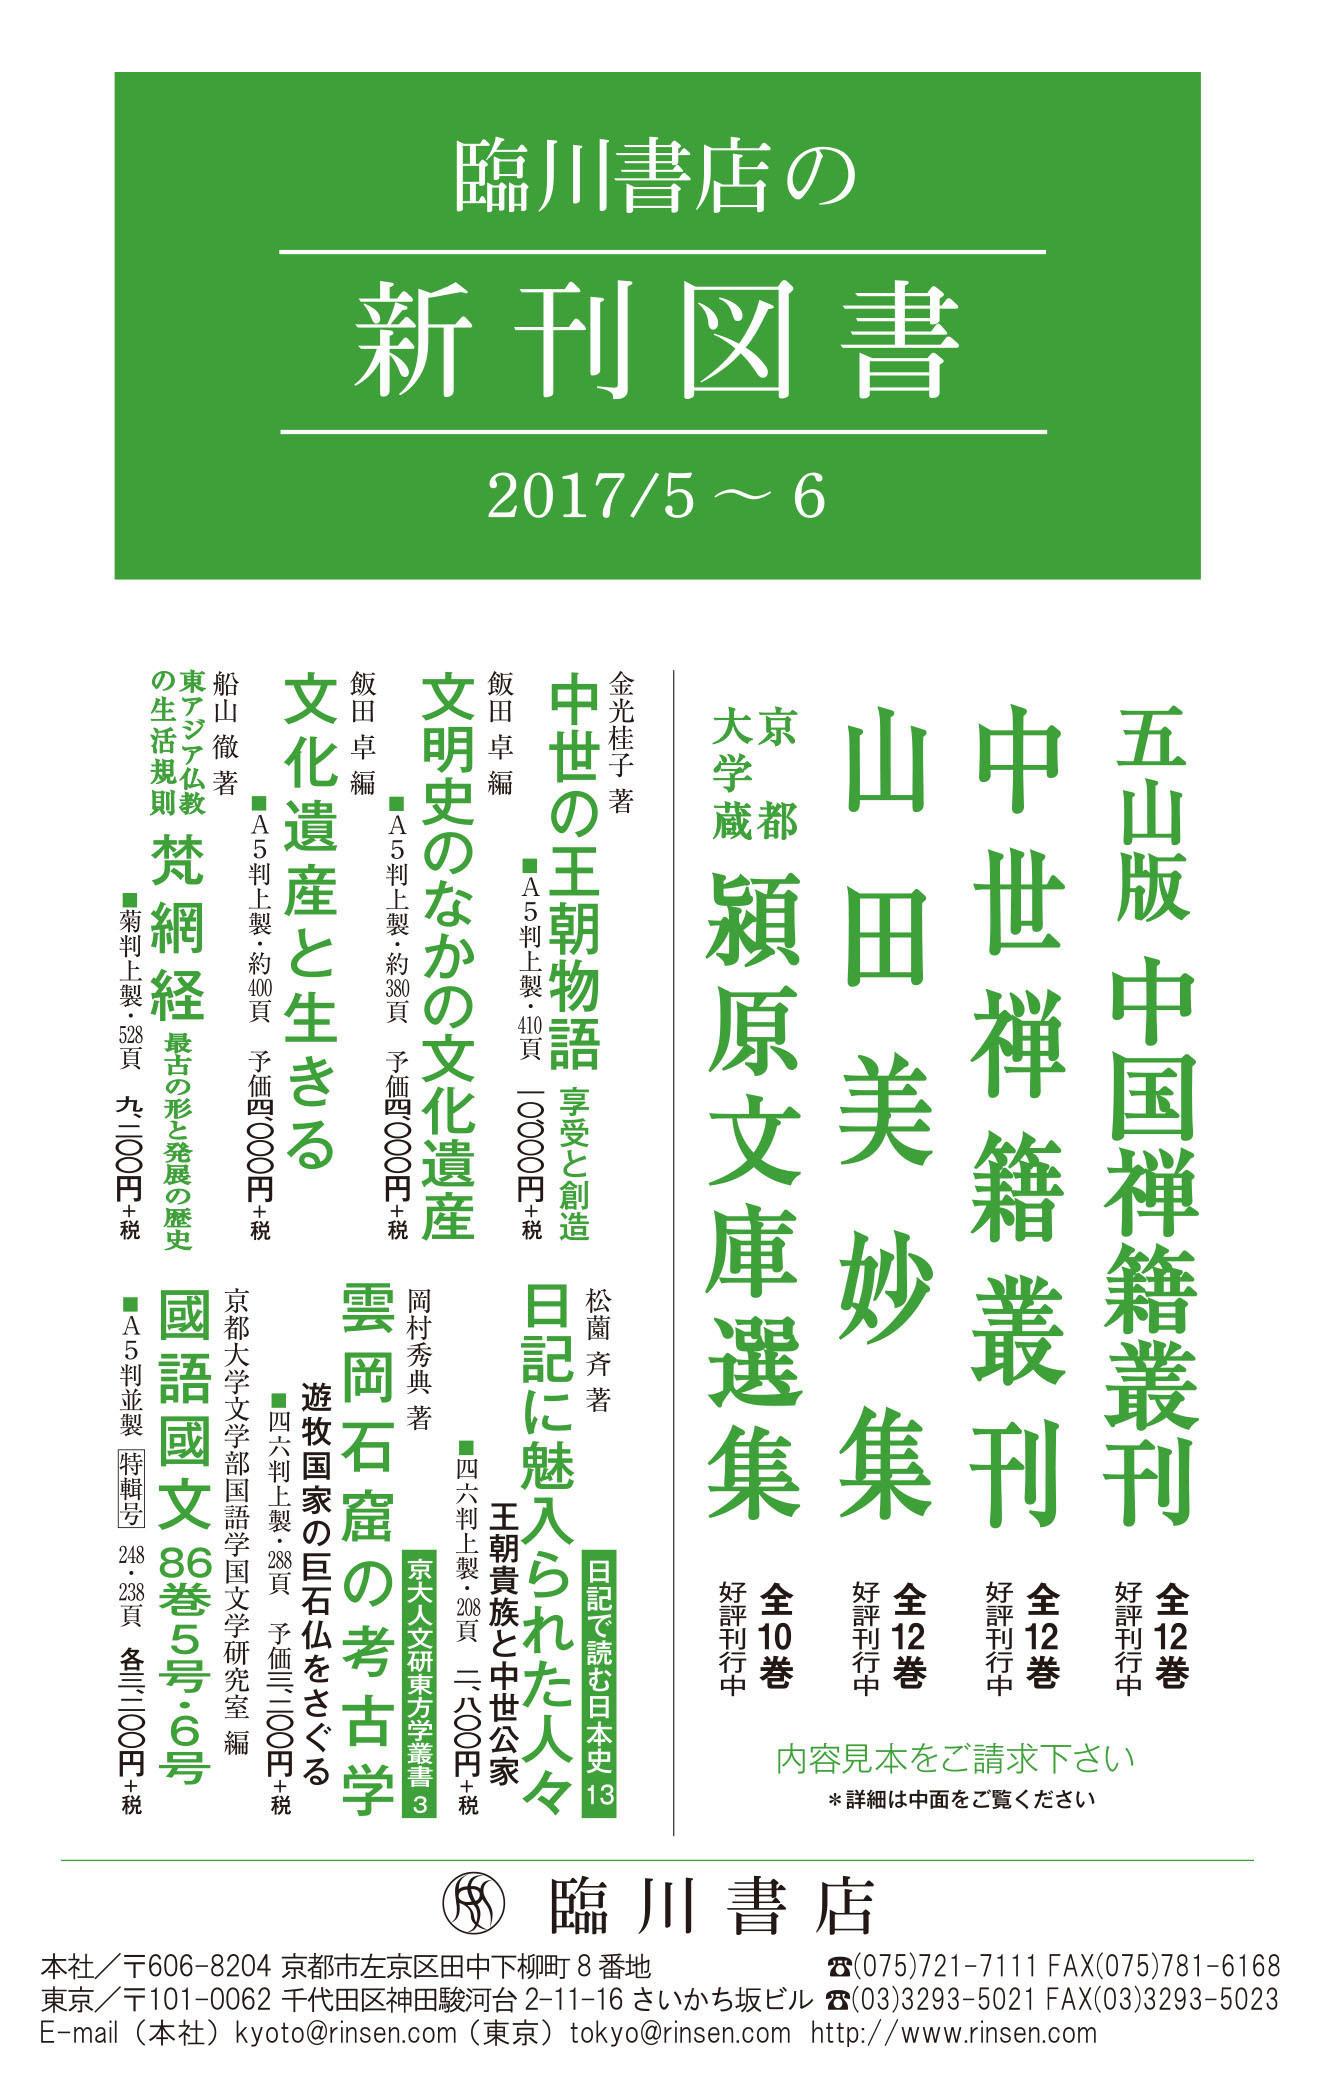 新刊案内2017/5~6①